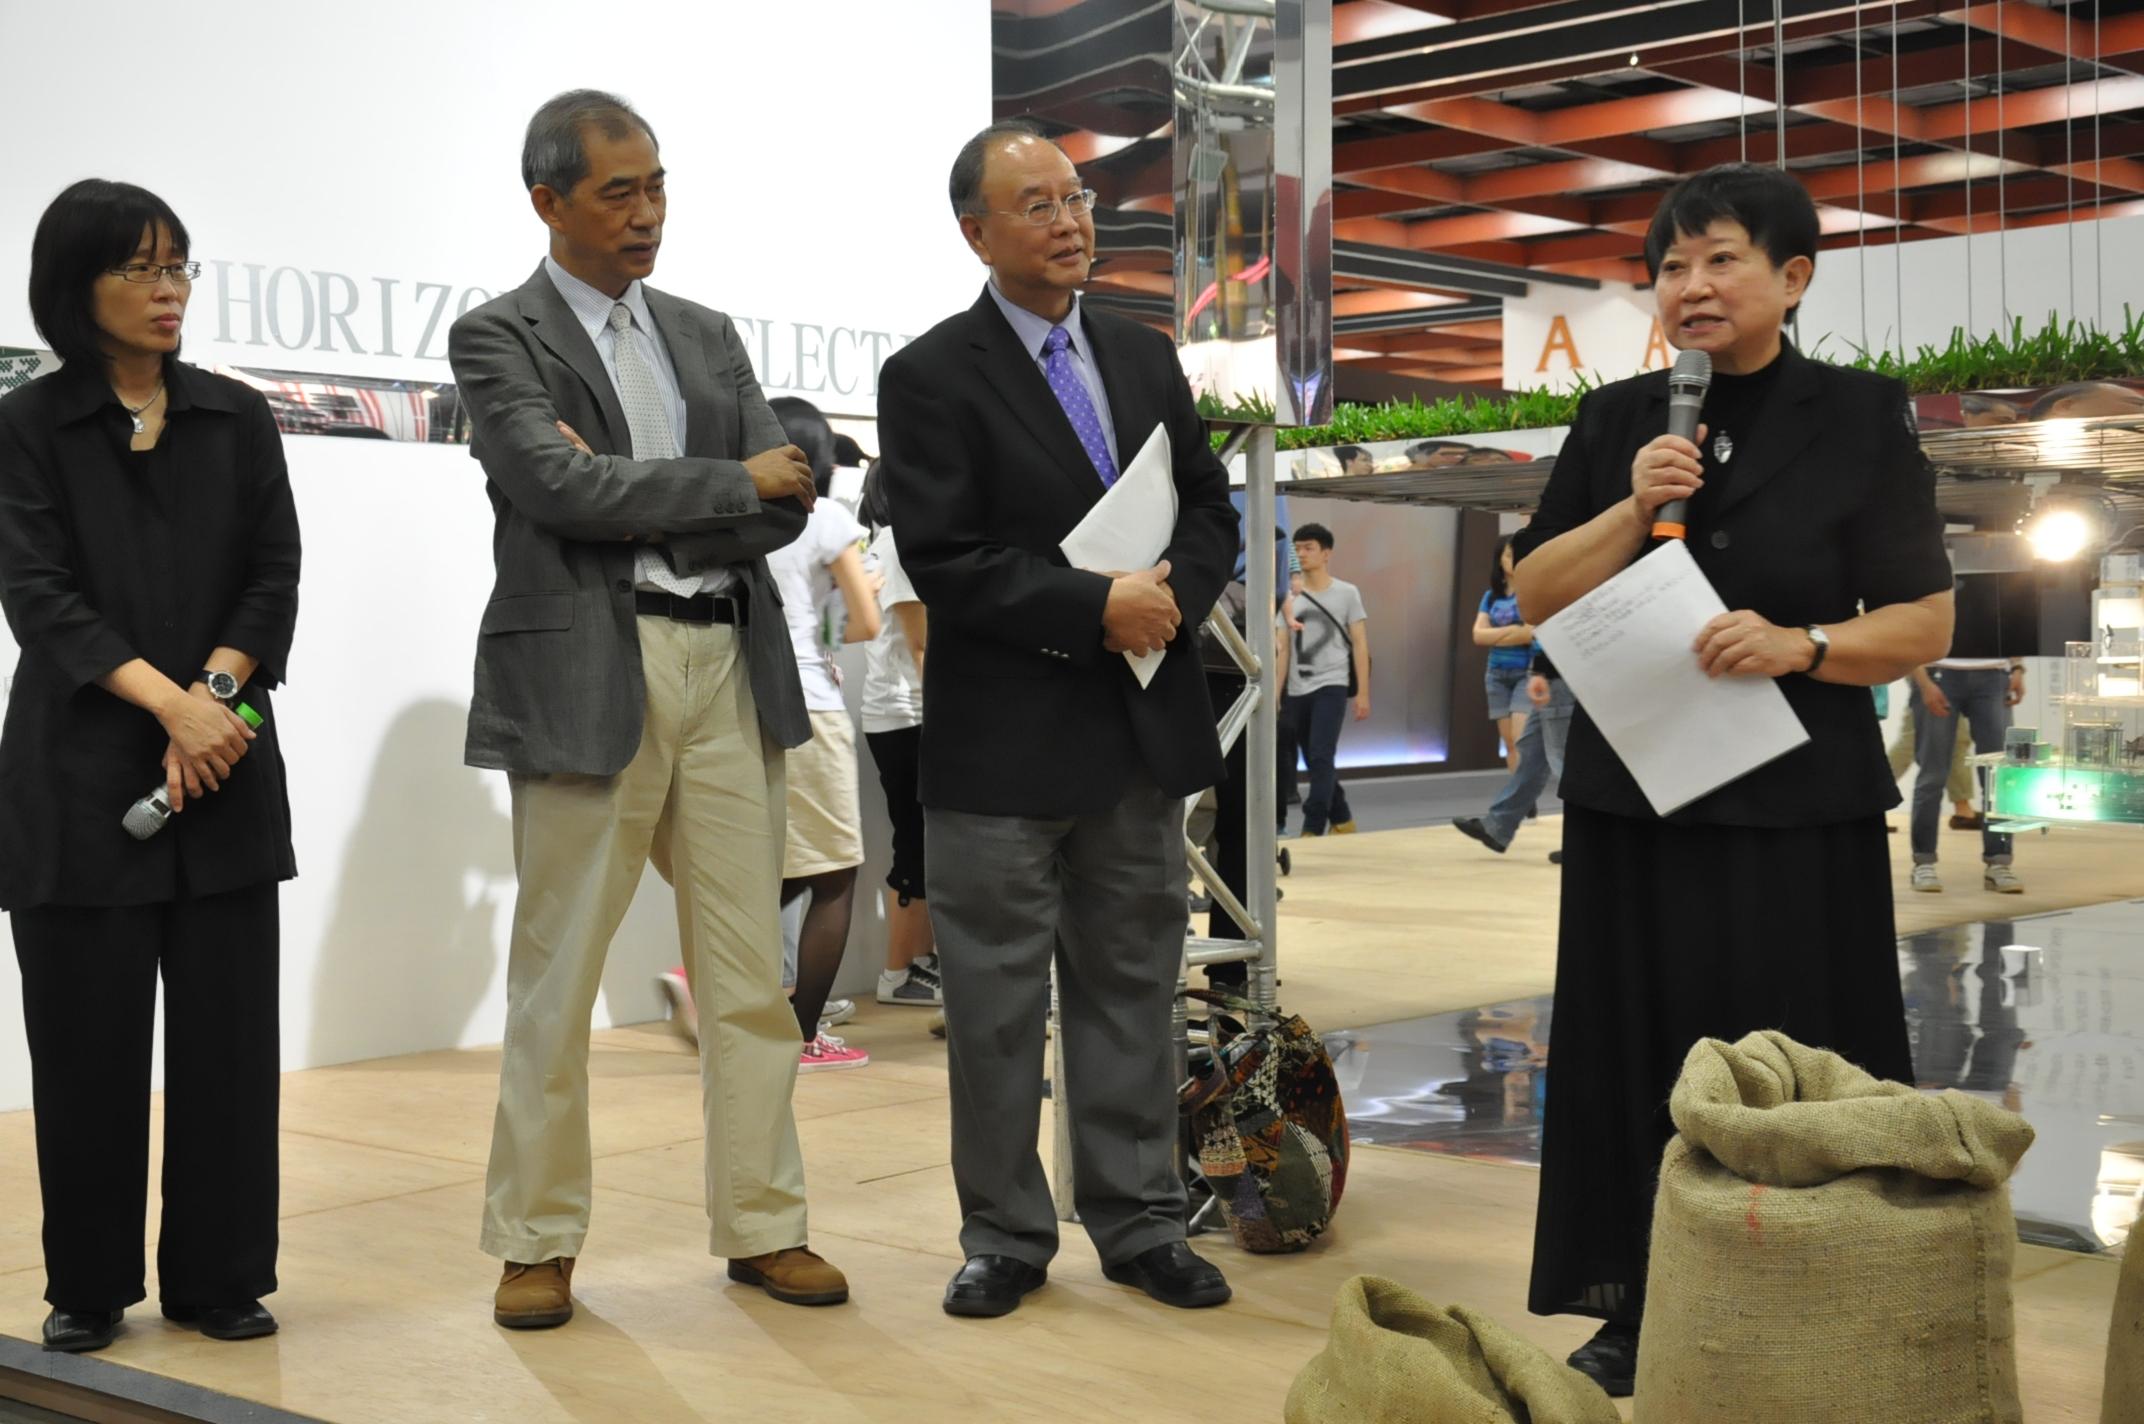 2011台北世界設計大展 中原設計學院與世界交鋒